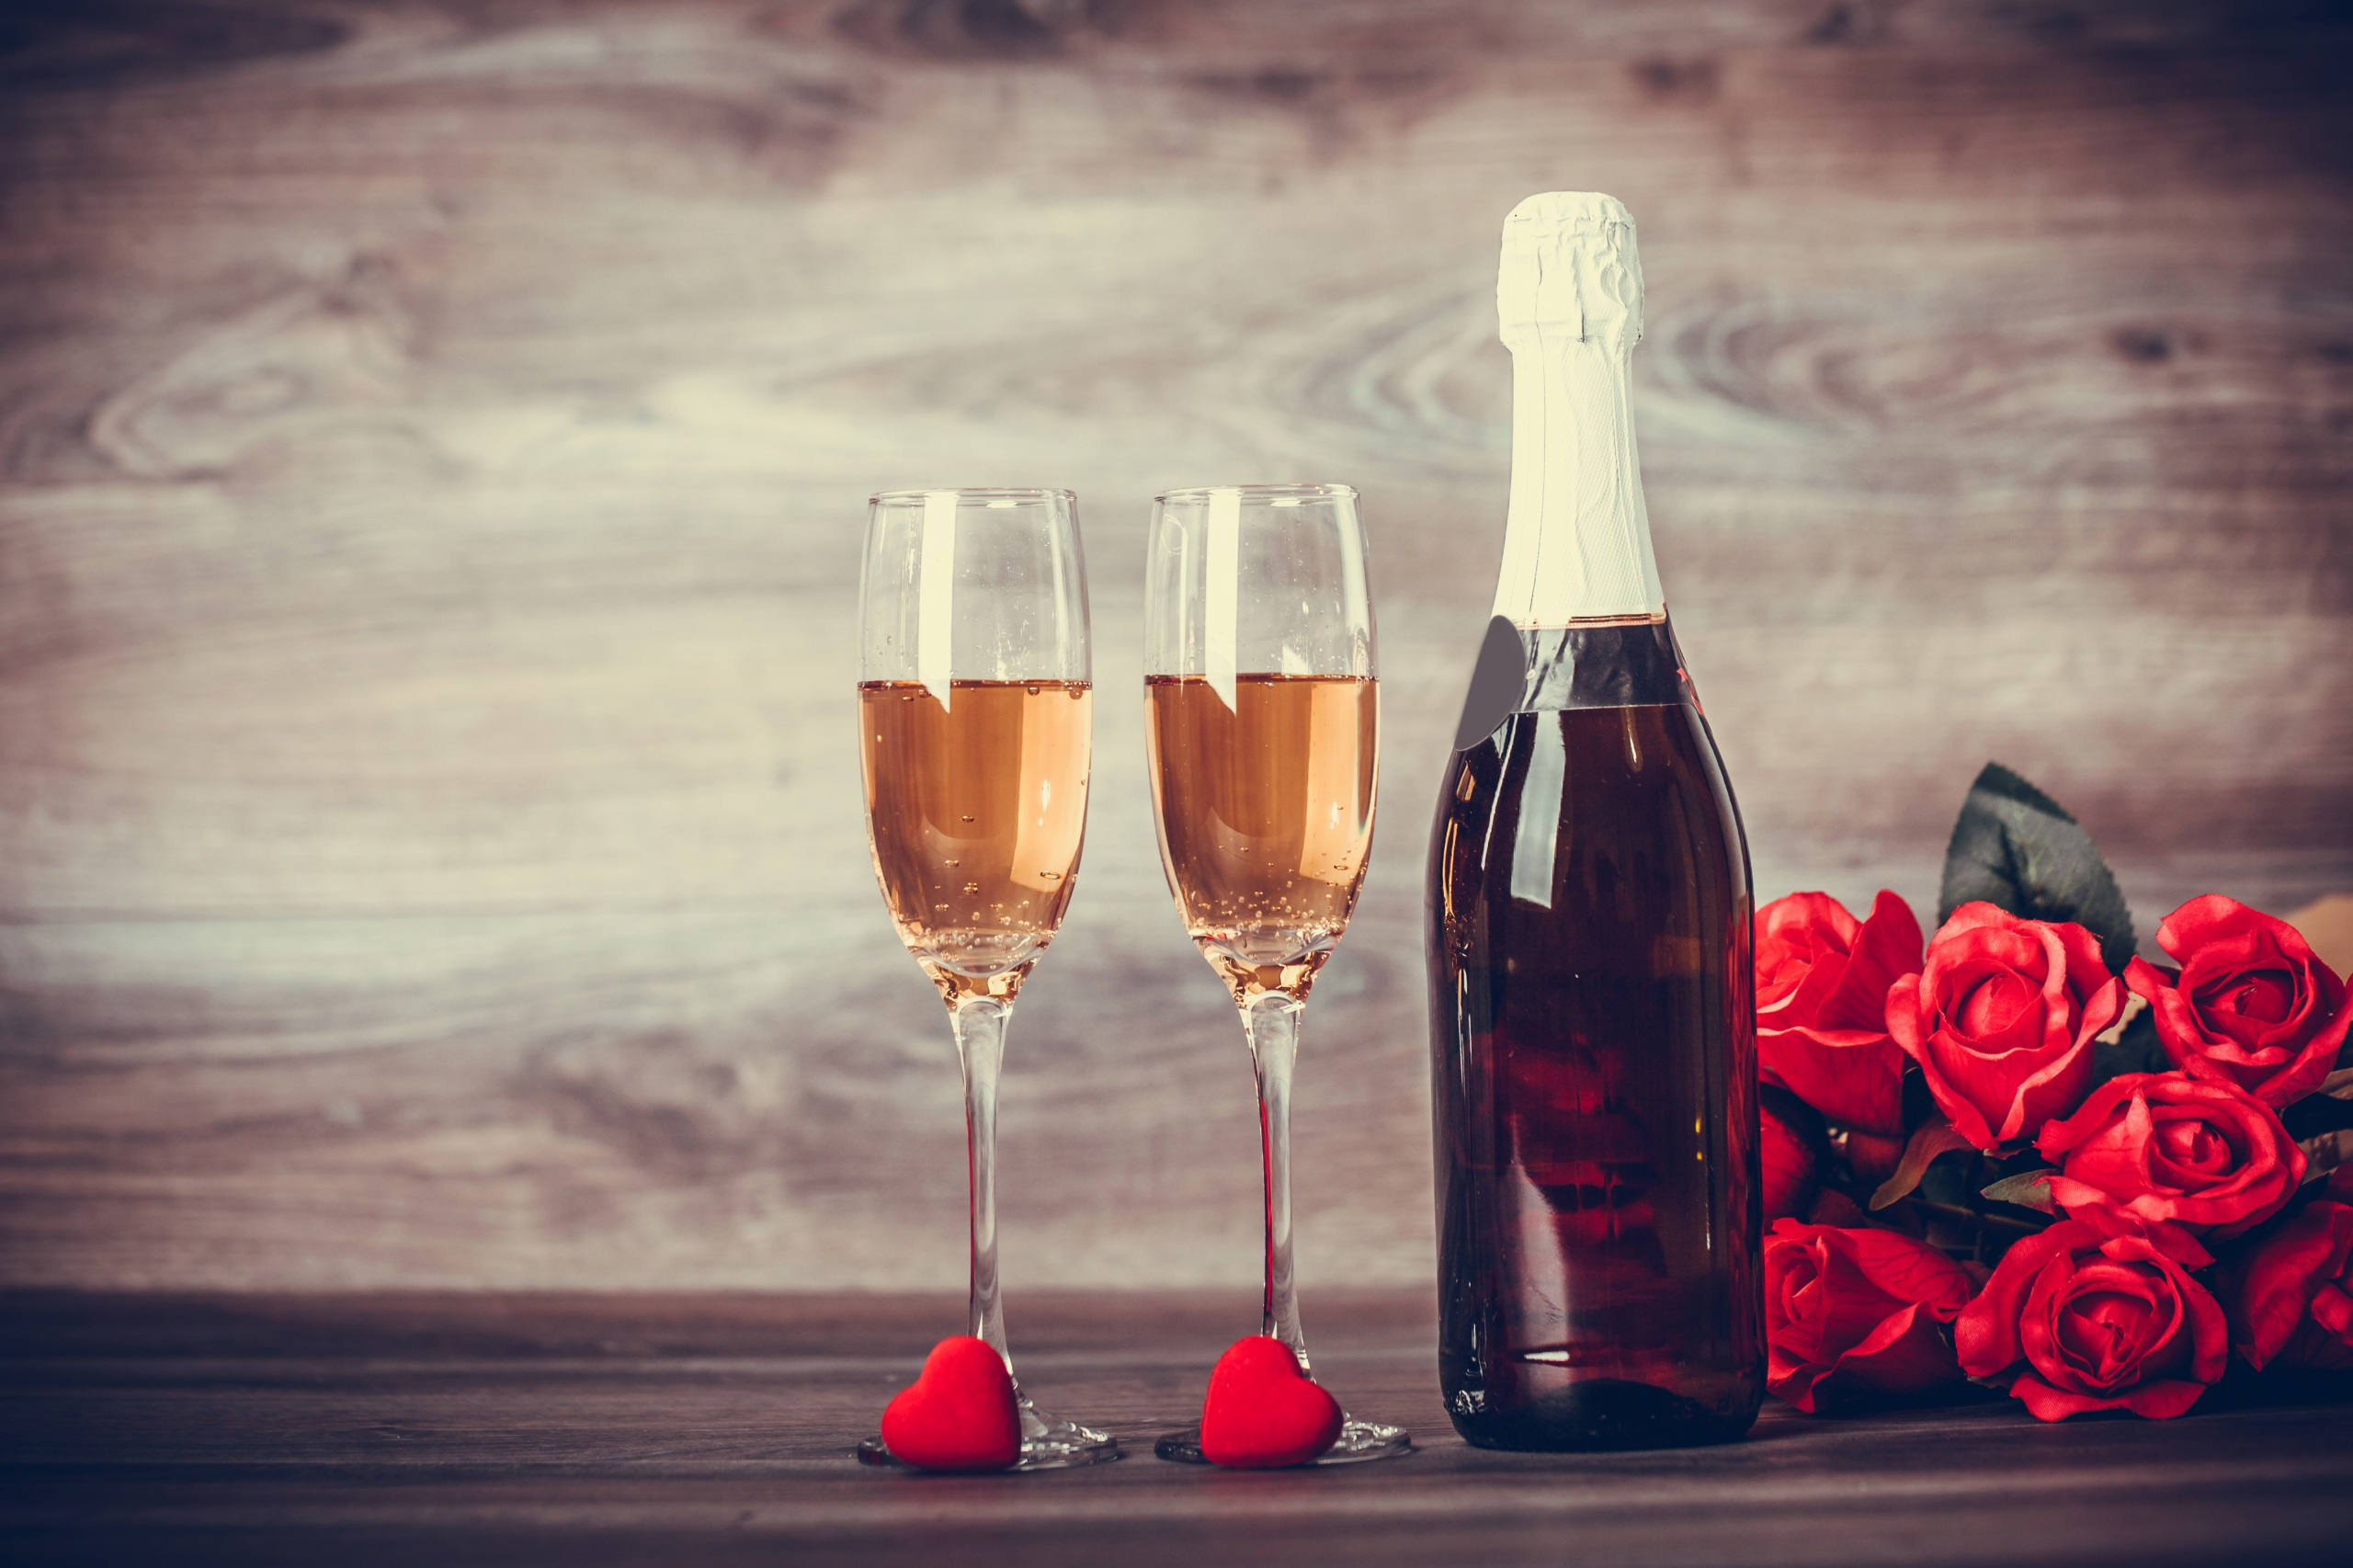 Фотографии День святого Валентина сердечко Розы Красный Шампанское Цветы Бокалы Бутылка Продукты питания 2560x1706 День всех влюблённых Сердце Игристое вино Еда Пища